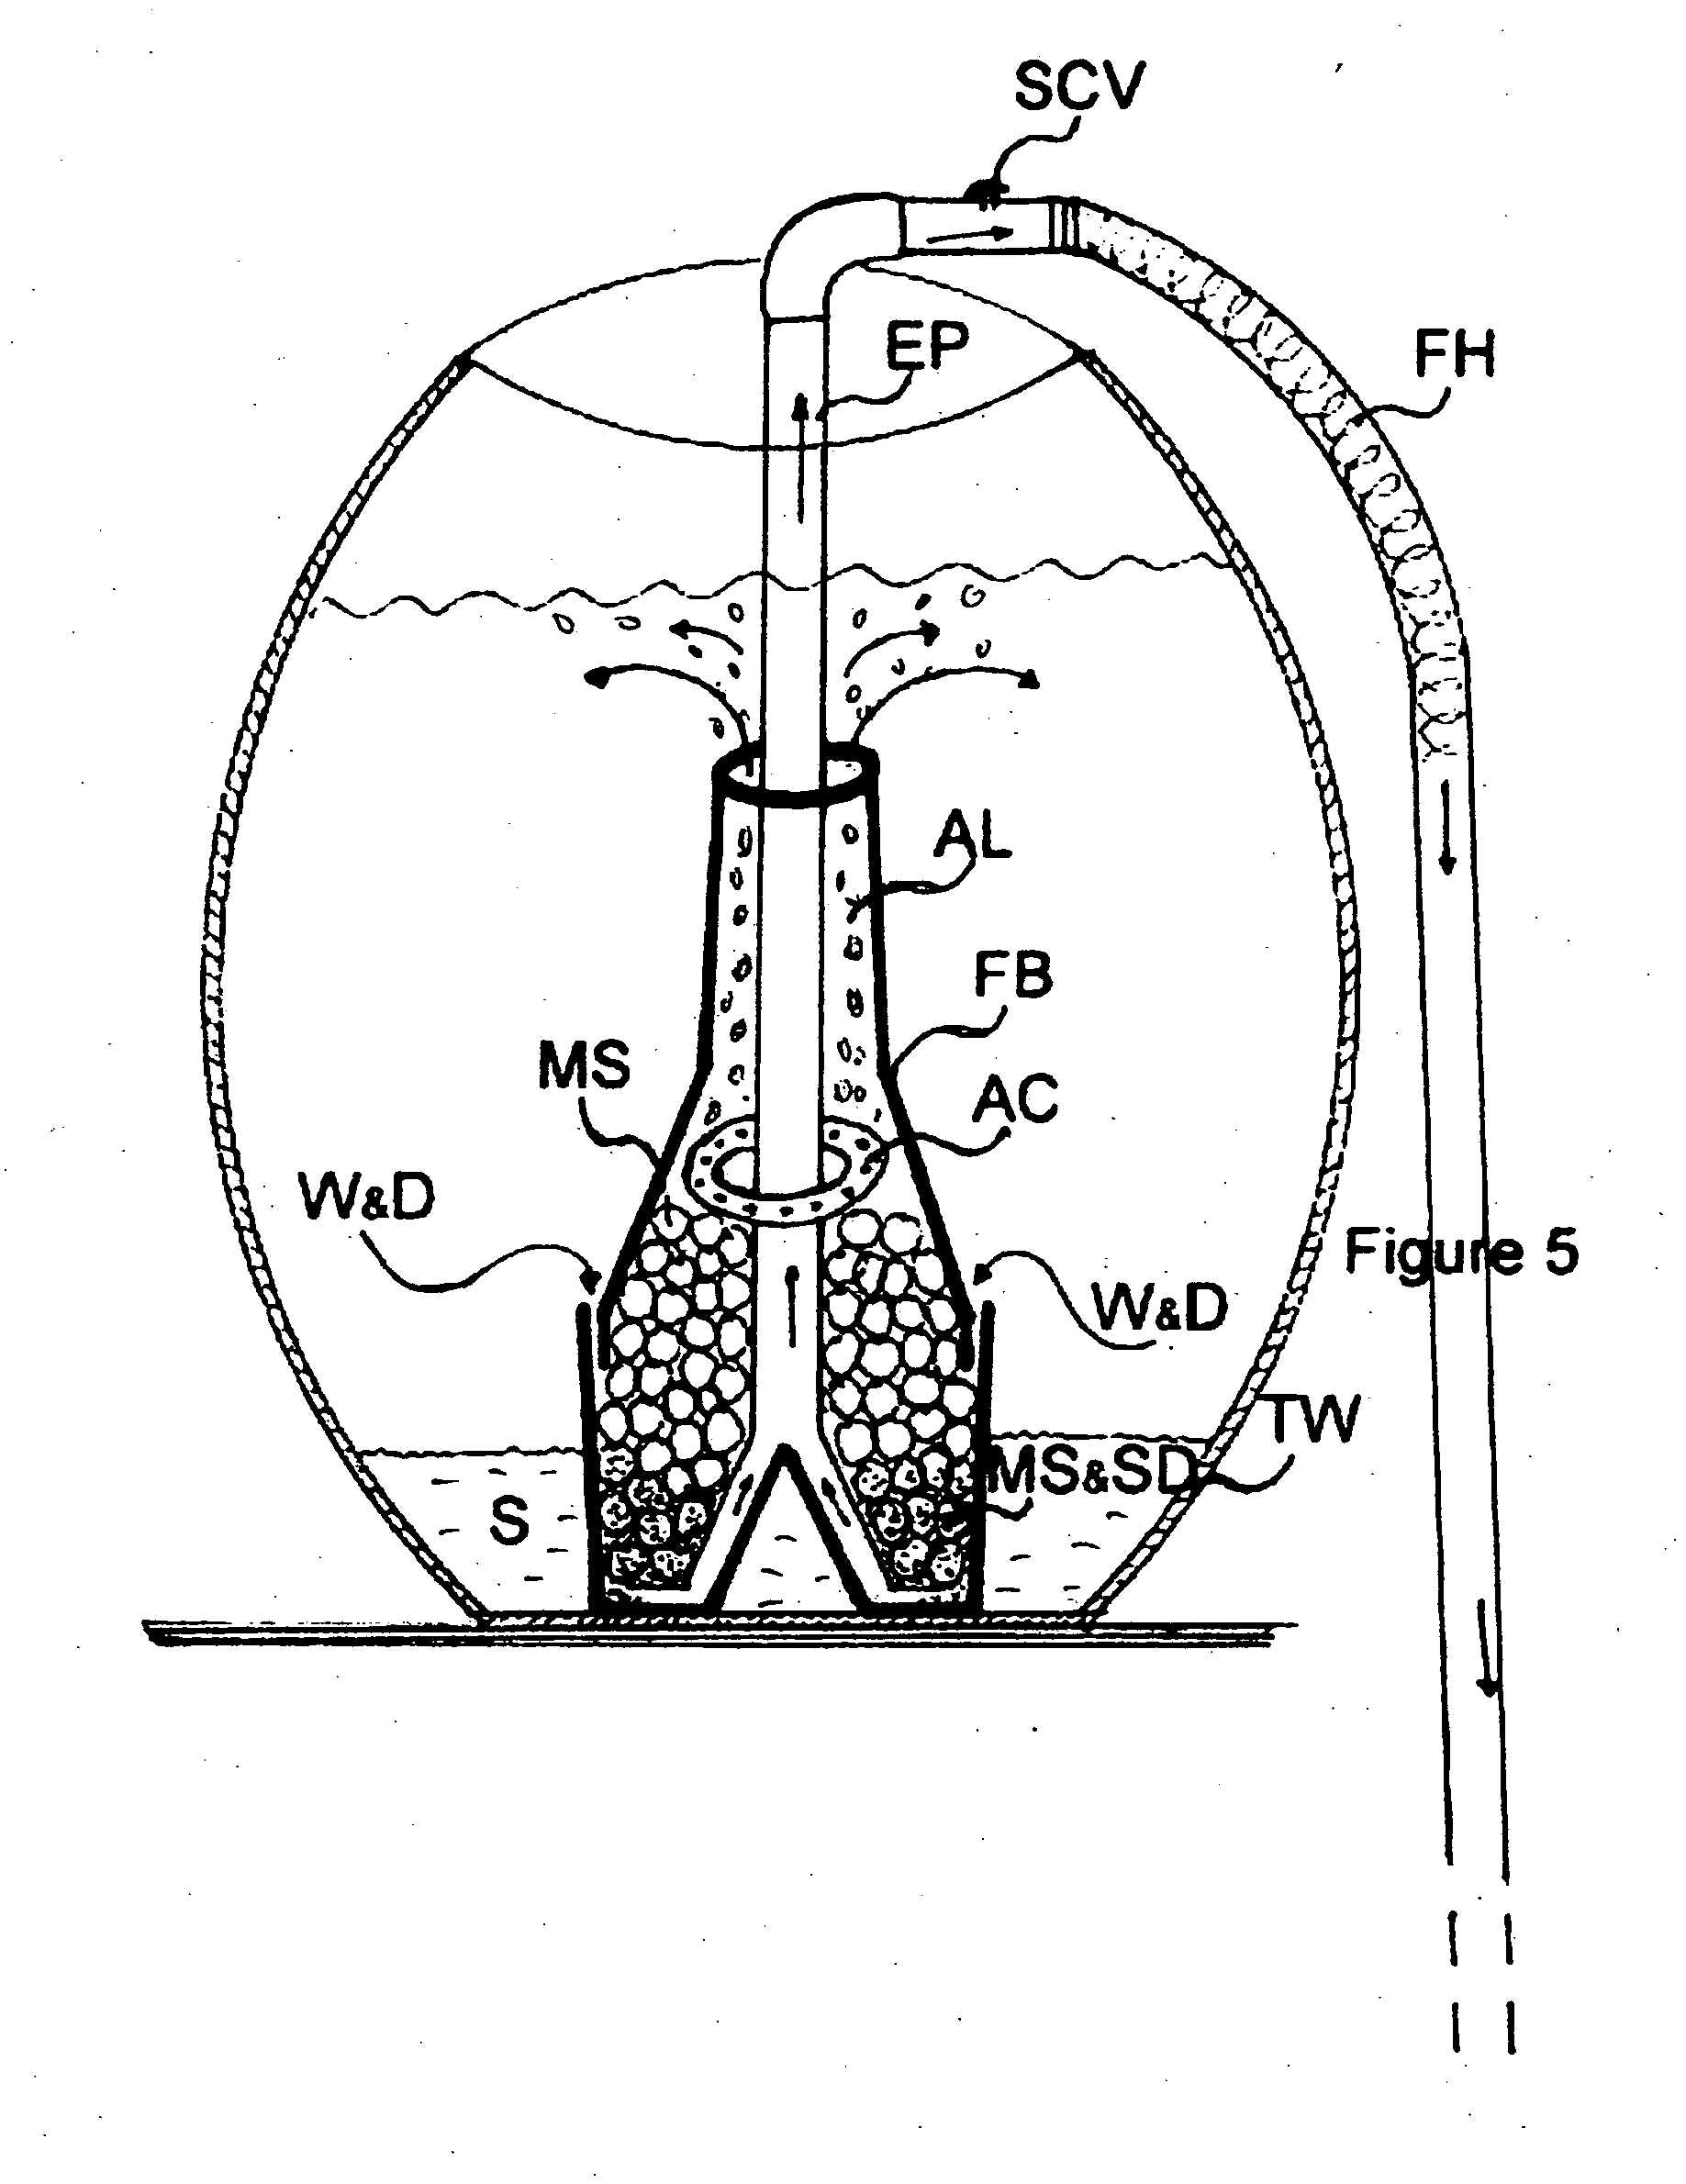 The Beckett Biological Pond Filter